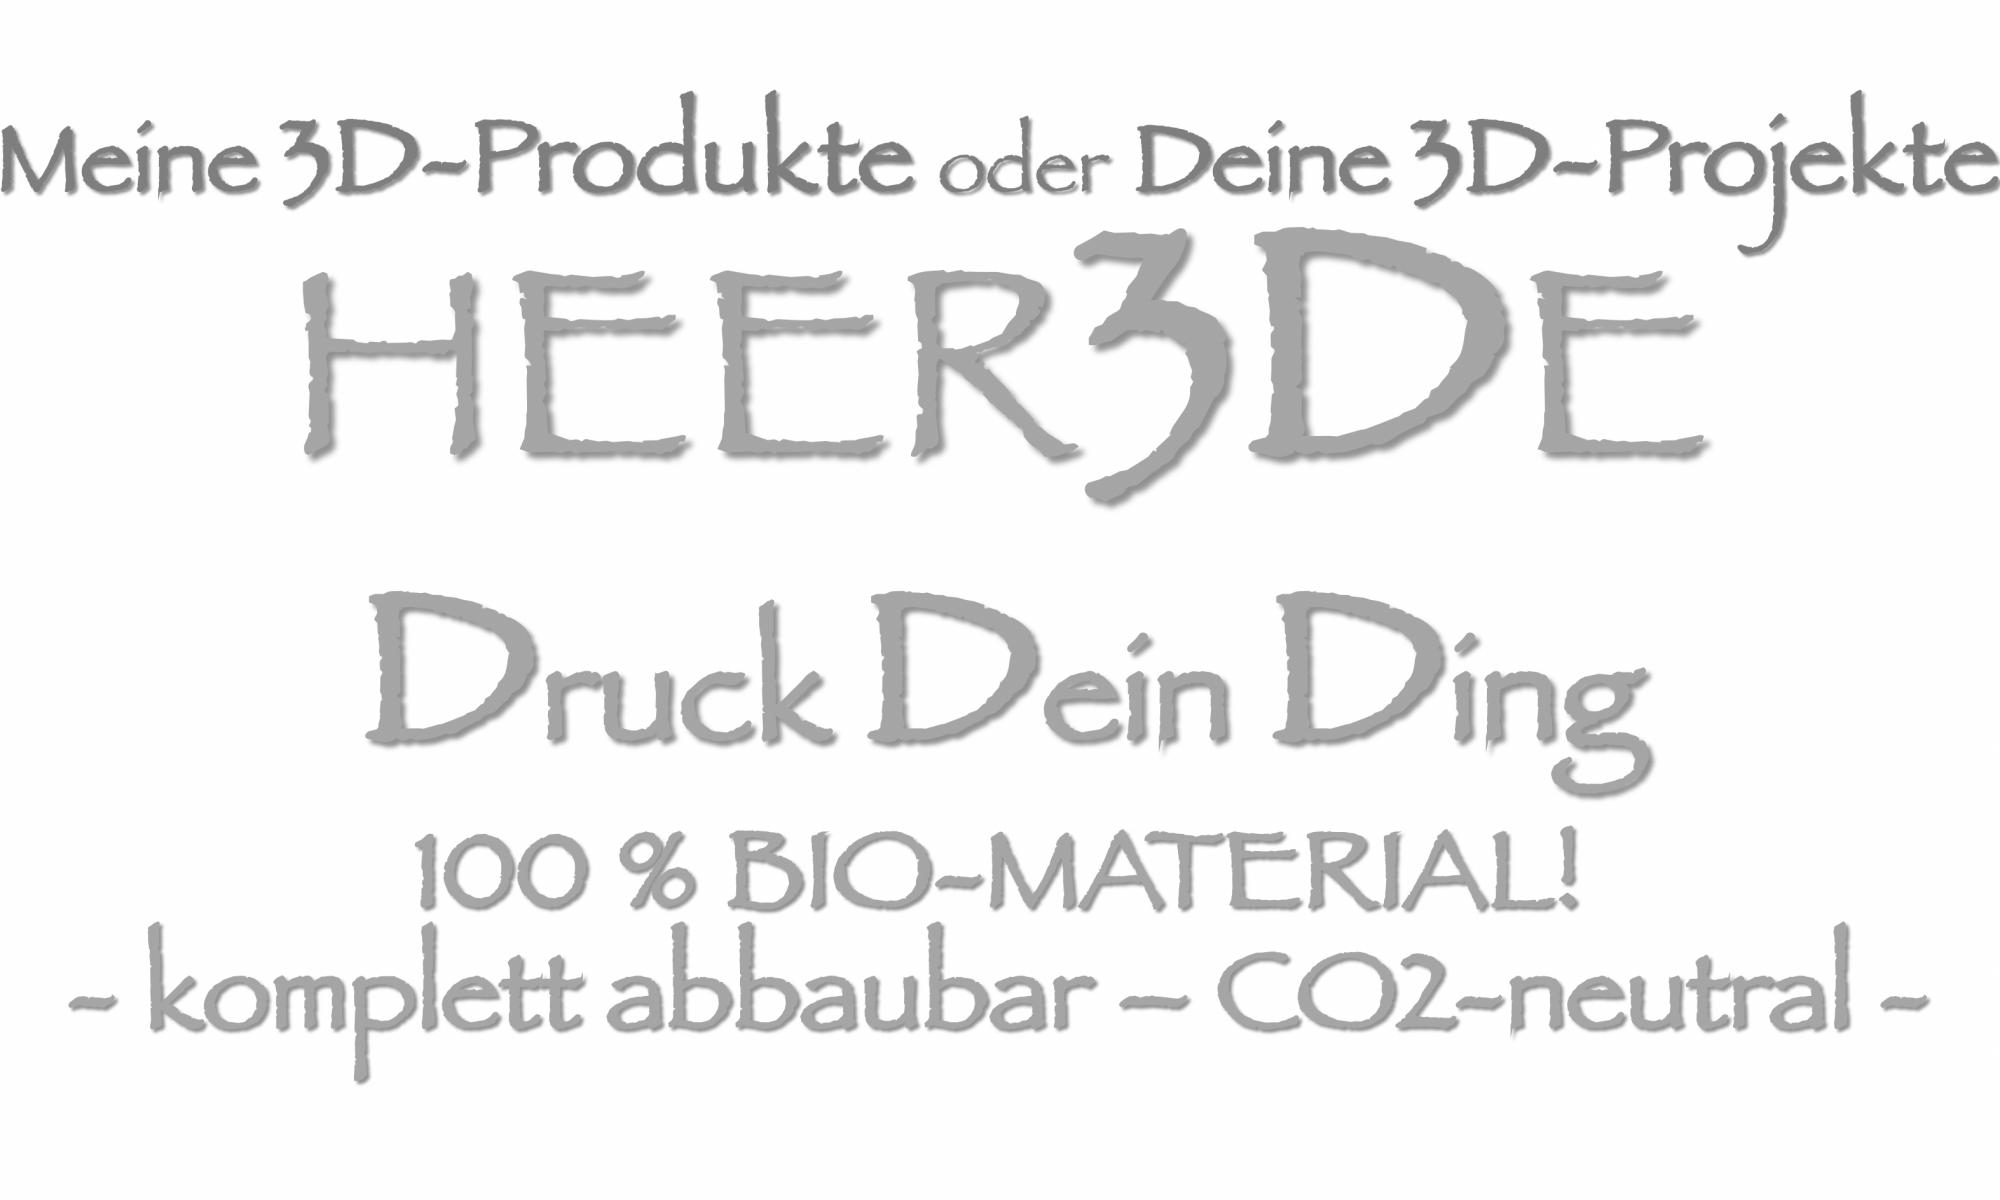 3D-PRODUKTE - 100 % BIO by HEER3DE!